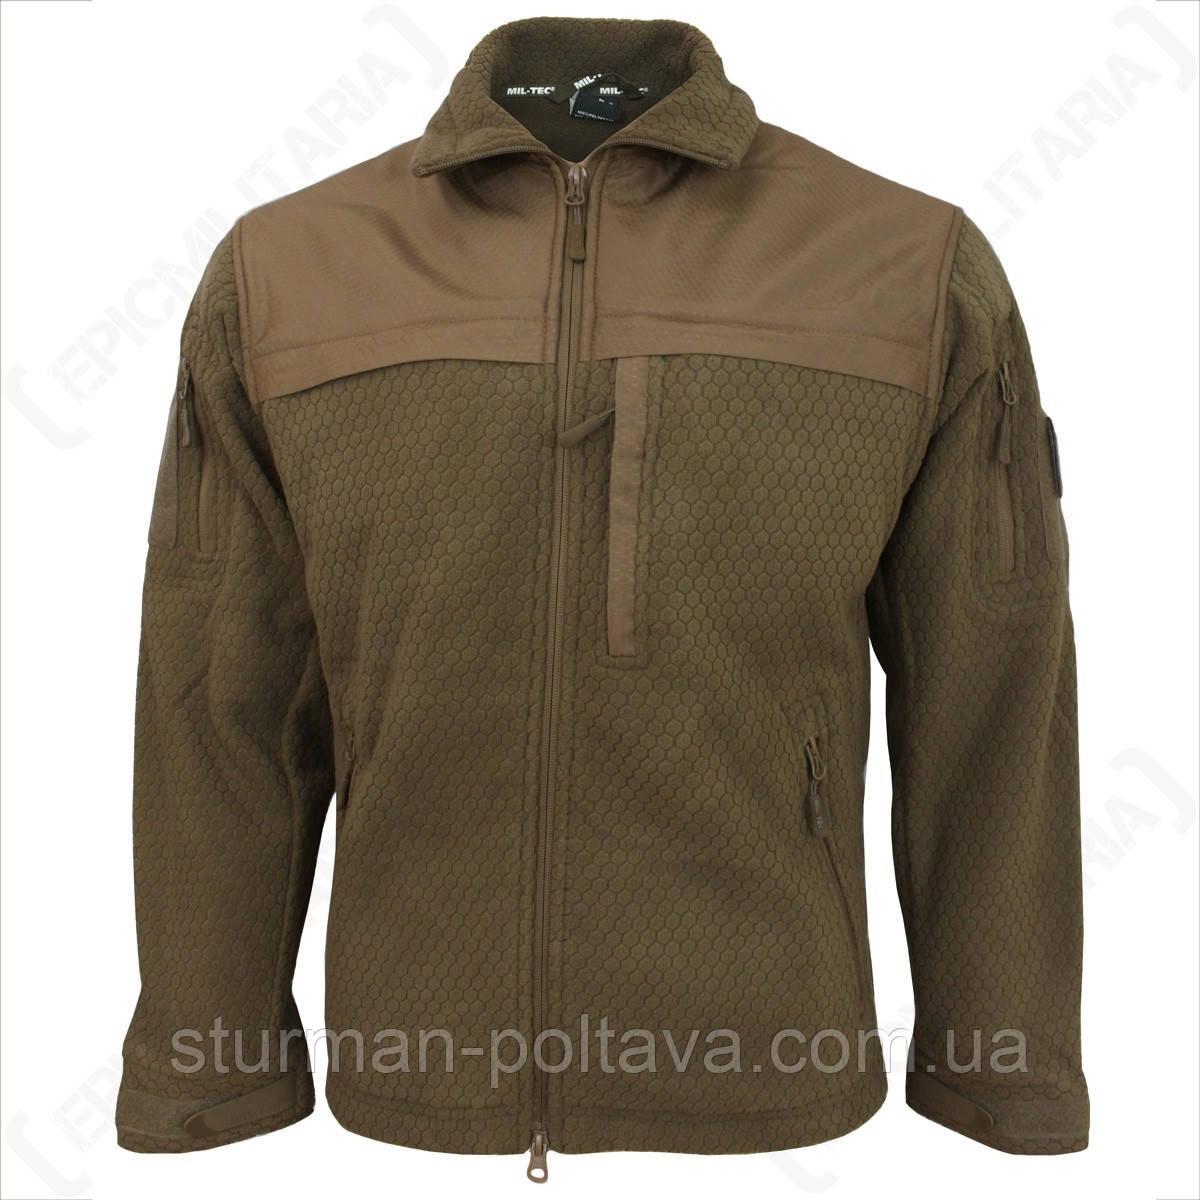 Куртка мужская флисовая тактическая ELITE FLEECE JACKE HEXTAC® Mil-Tec цвет   койот  Германия